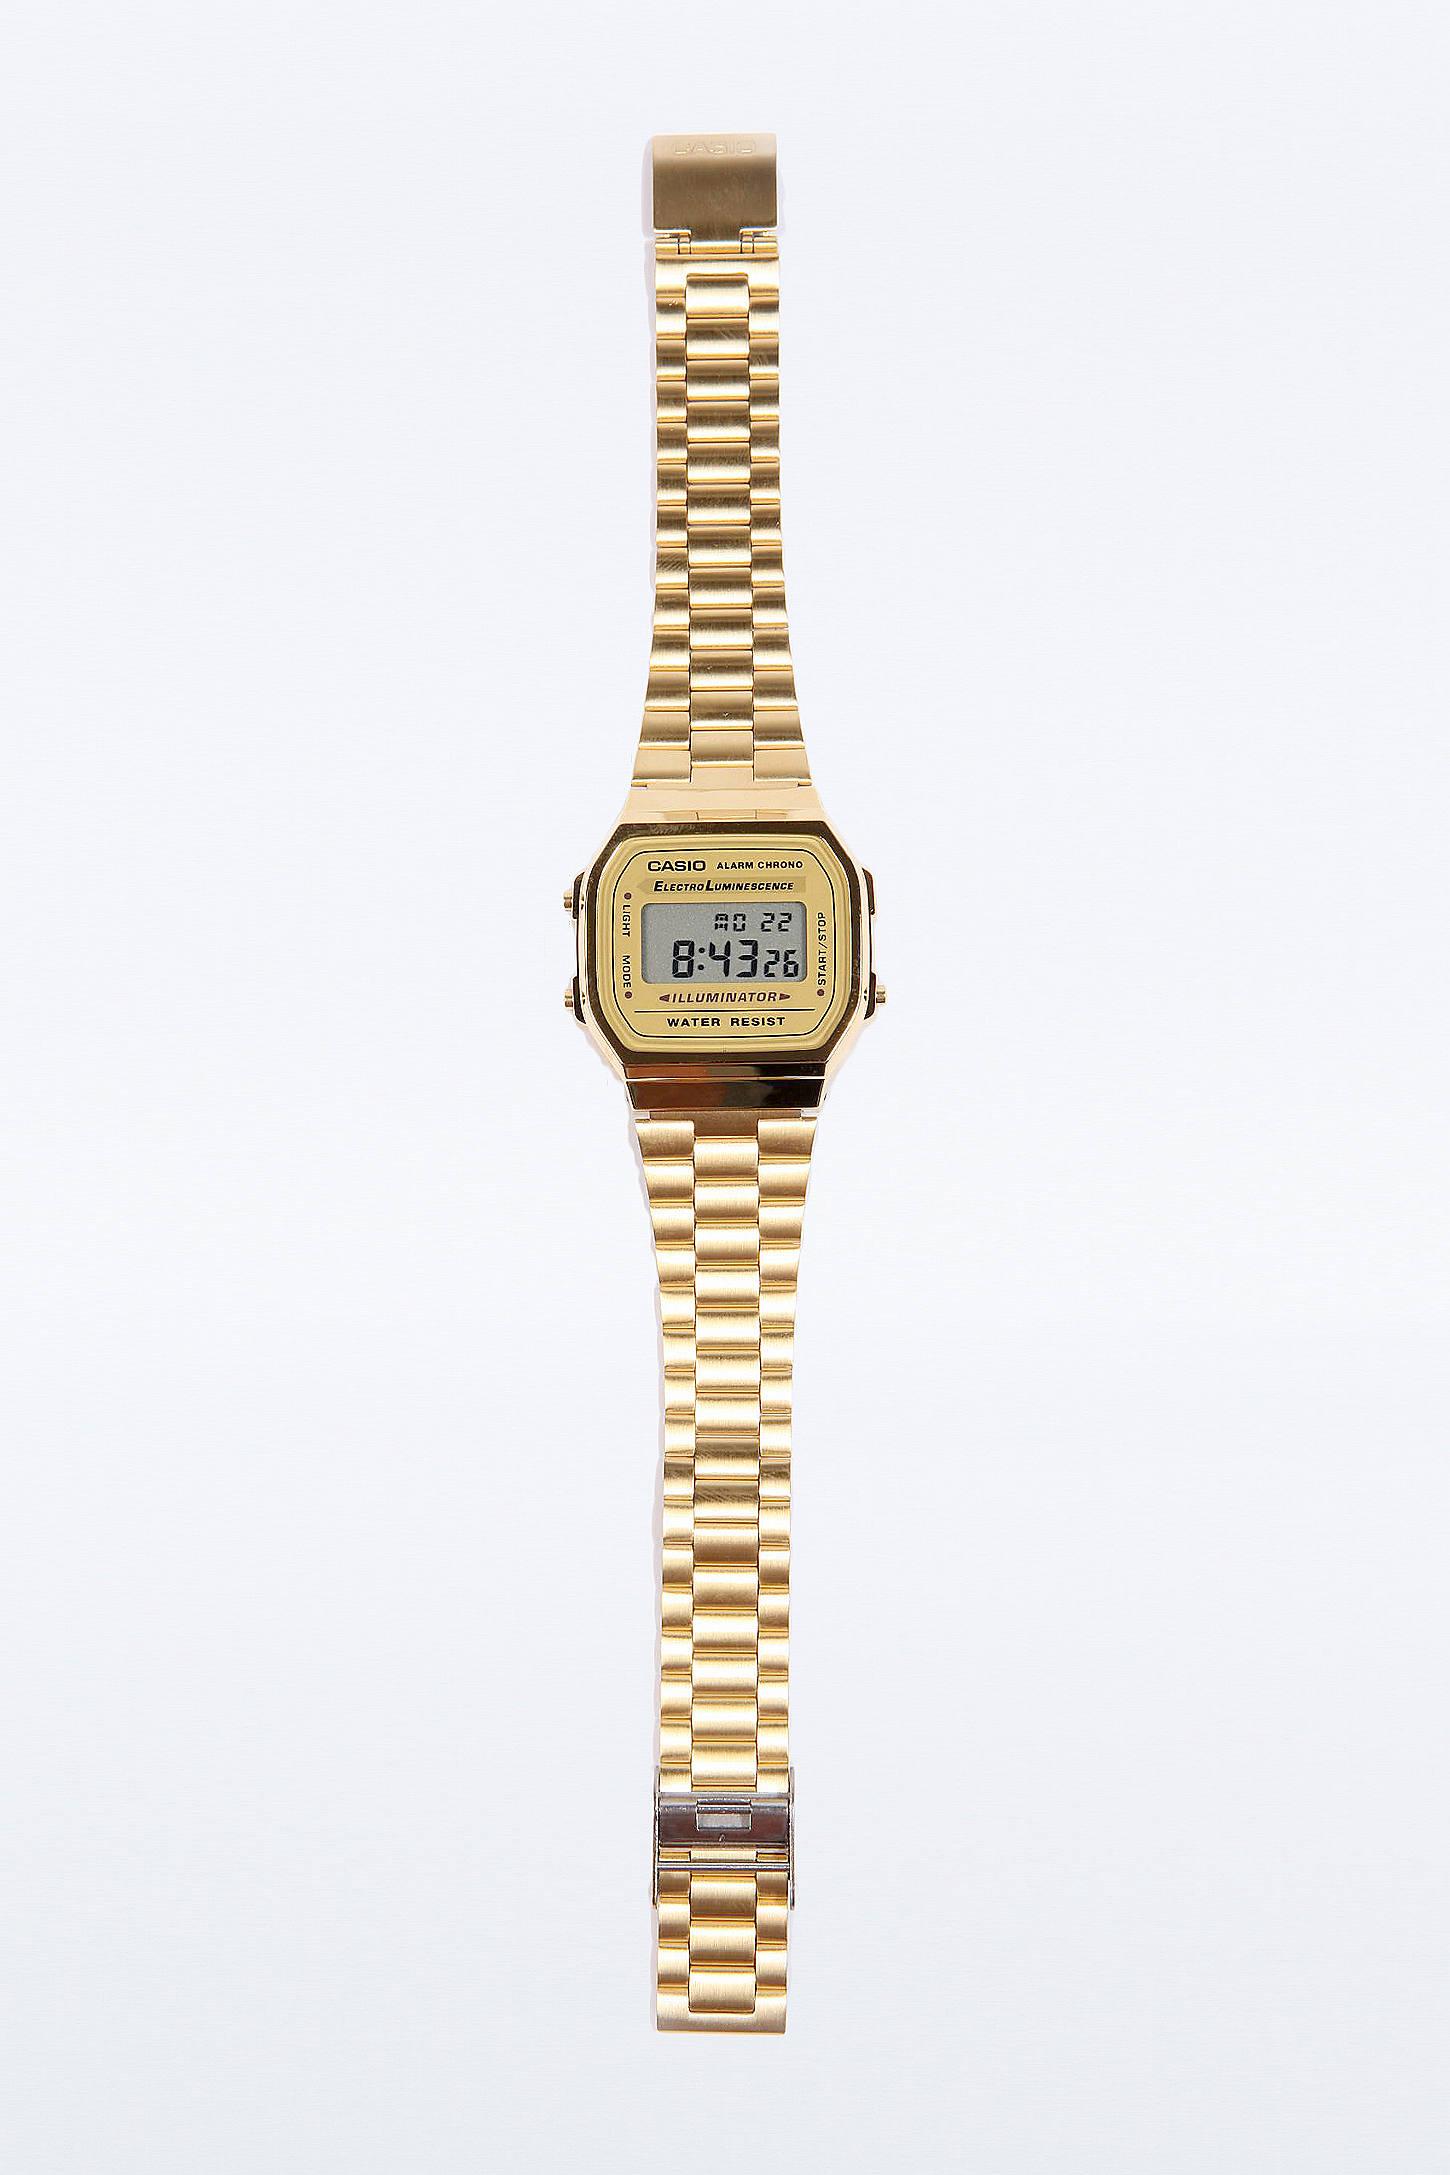 Montre Casio Couleur Or pour casio - montre classique à affichage numérique - or | urban outfitters